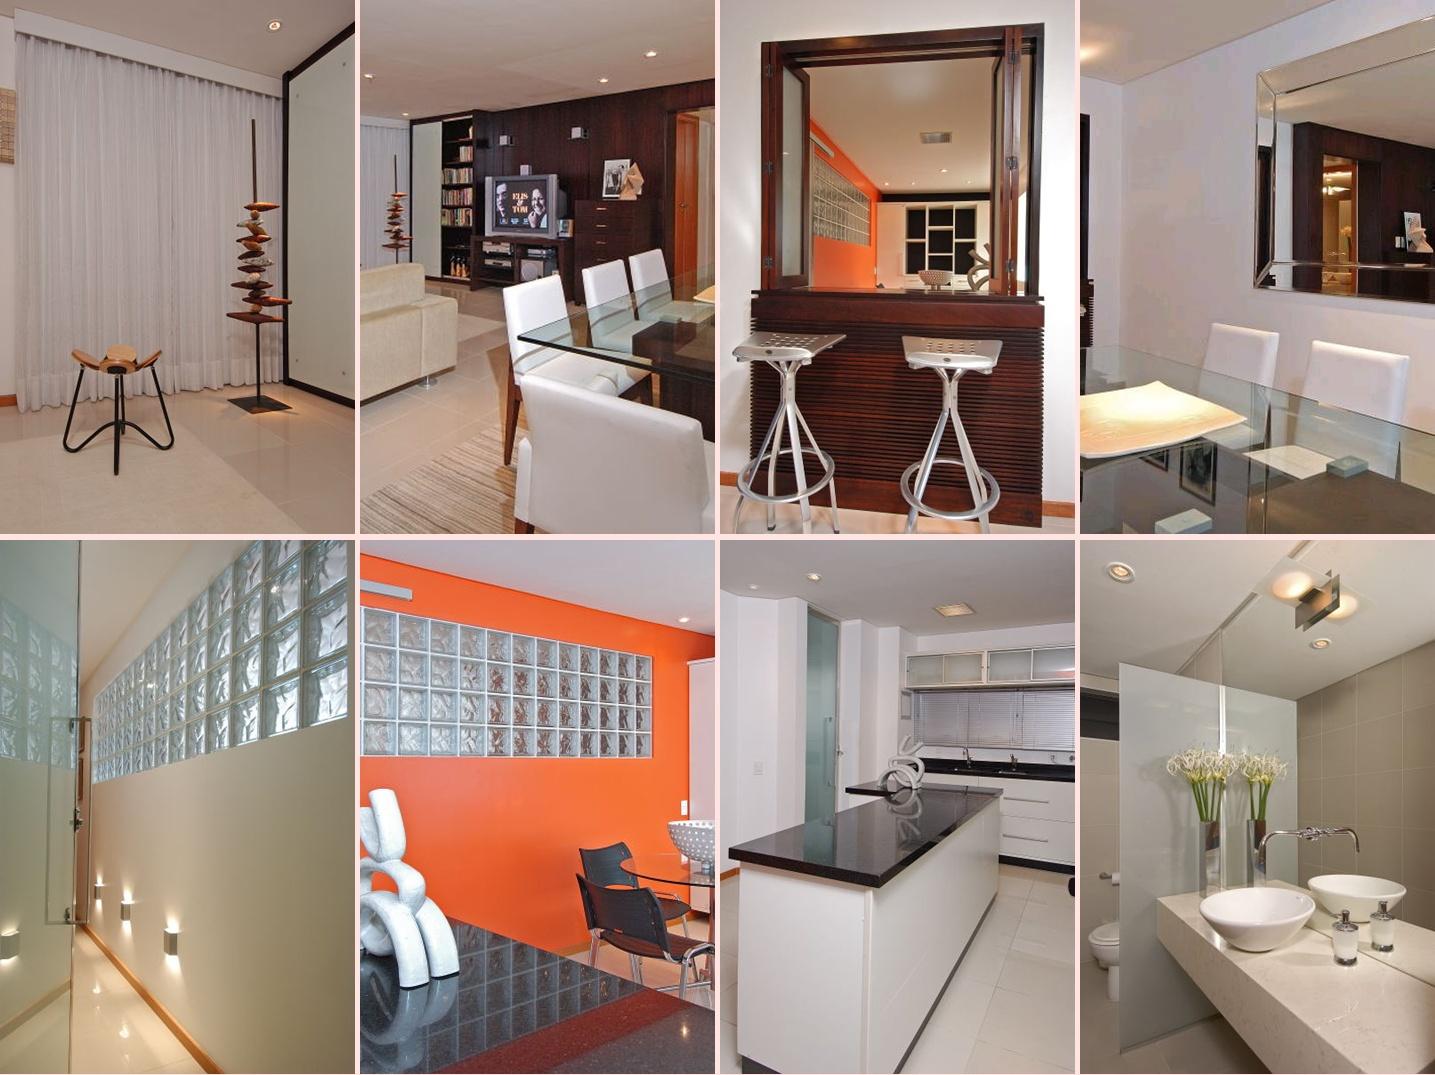 art & design Decoração de interiores Projetos: Moradia e o luxo  #B64115 1435 1075